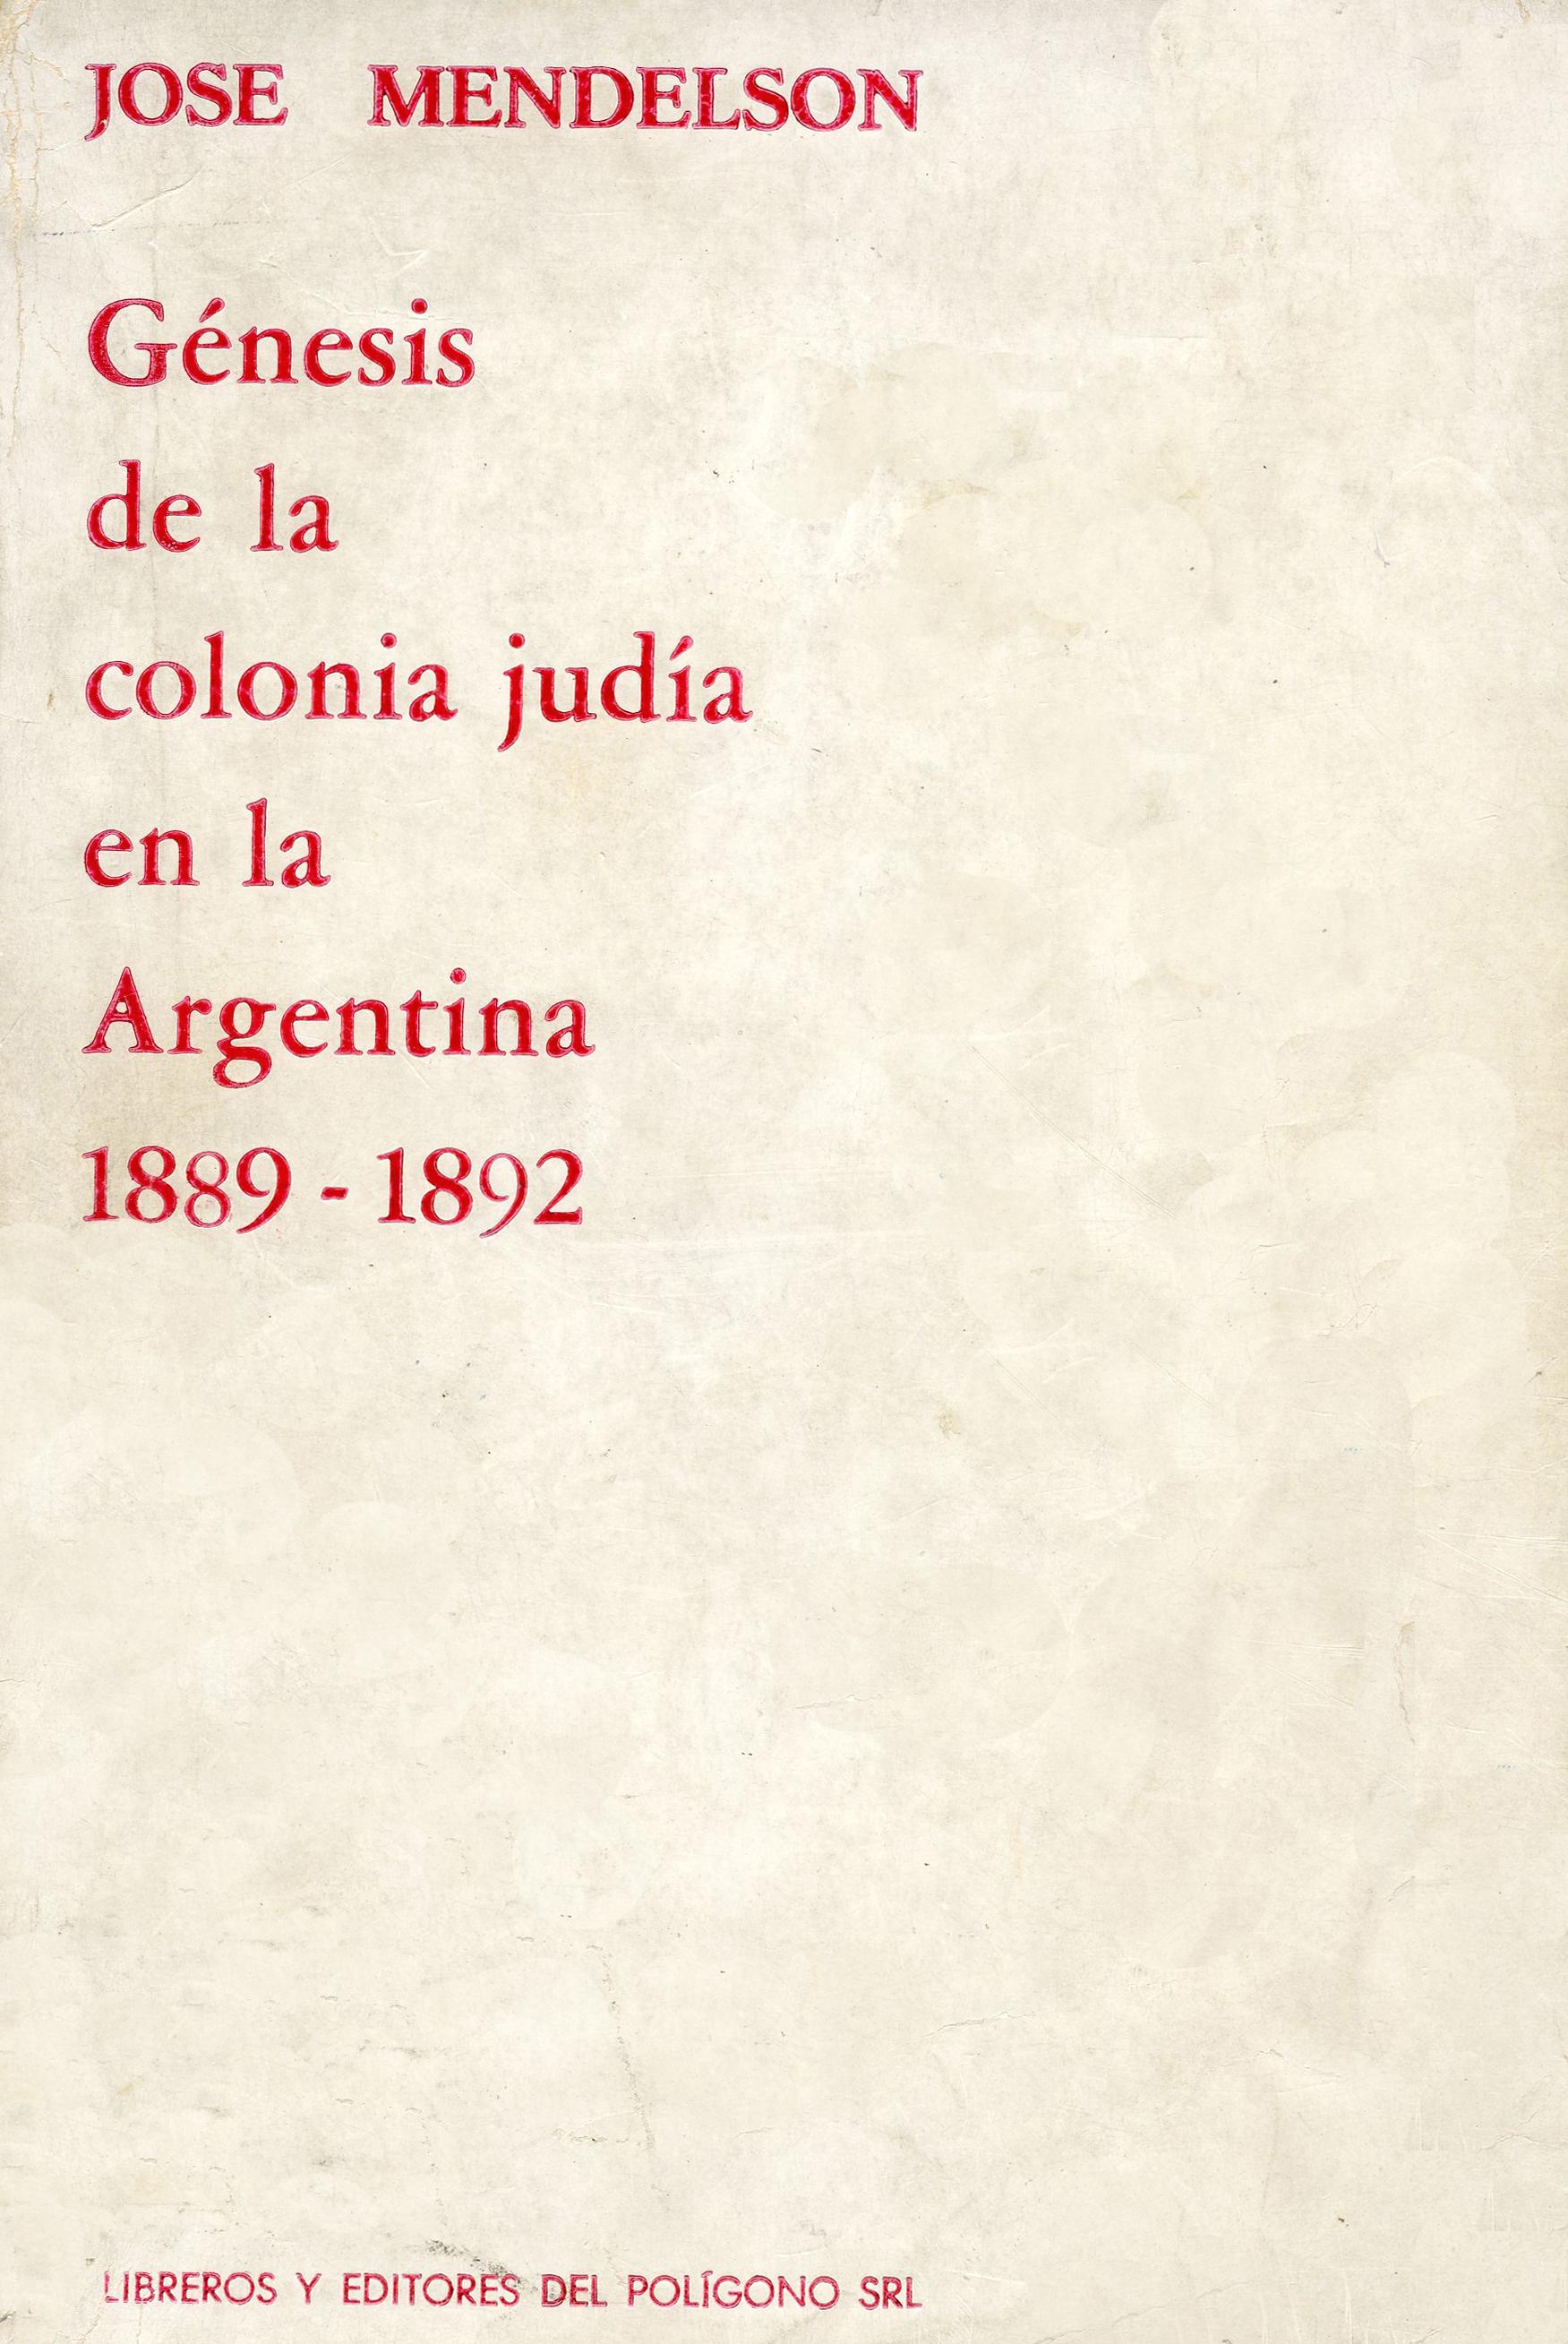 Génesis de la colonia judía en la Argentina 1889-1892